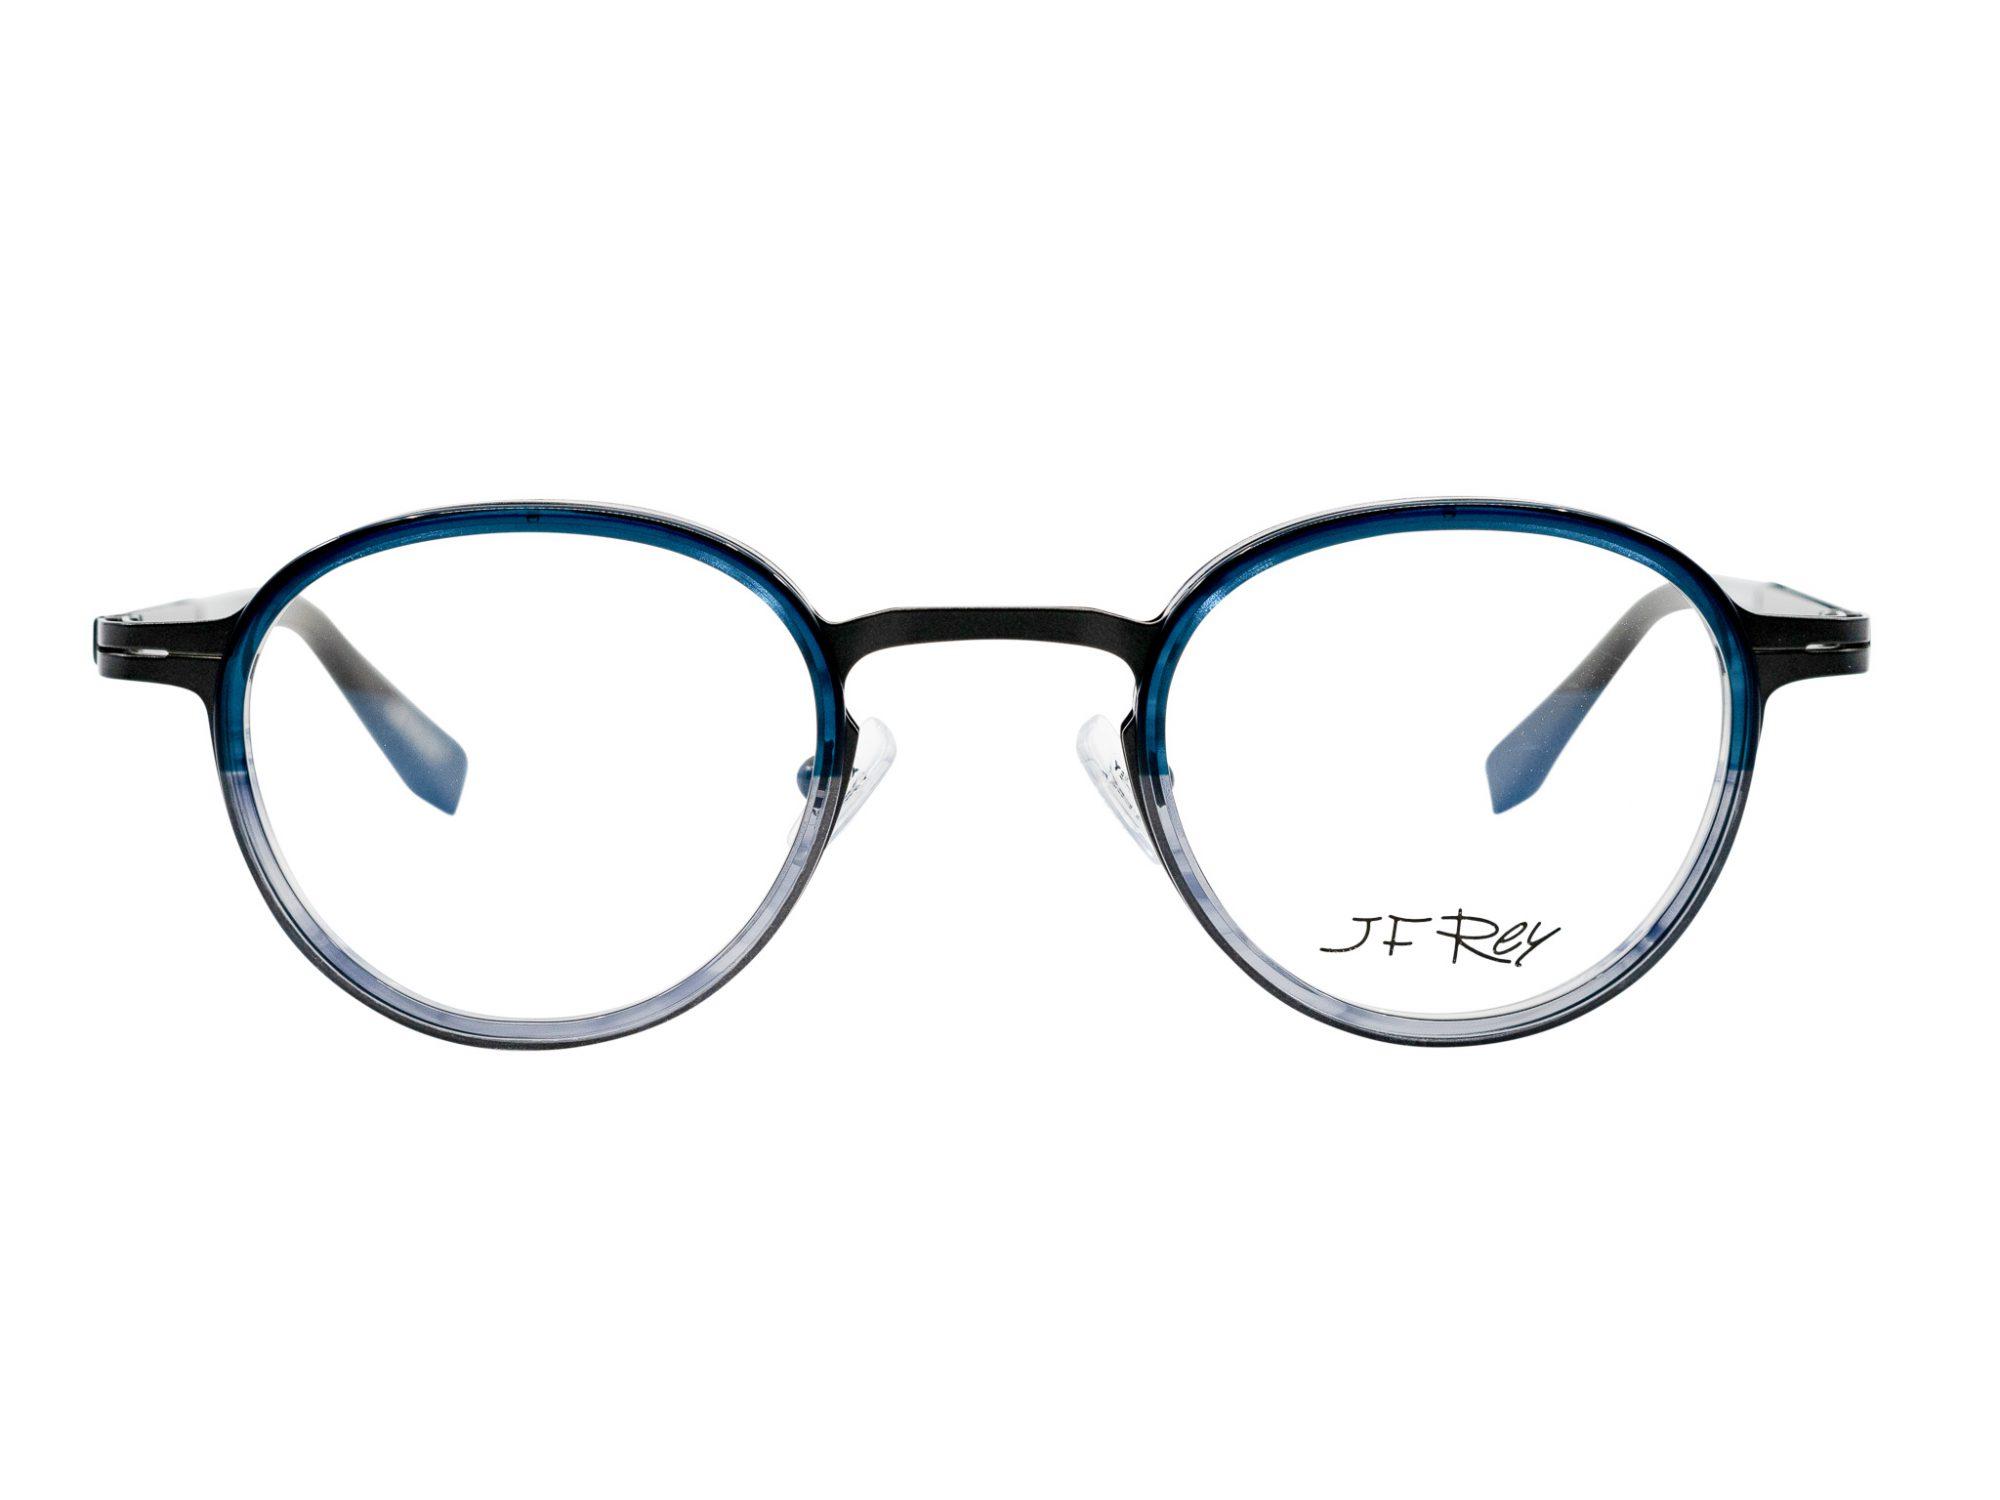 JF Rey JF2677 2005